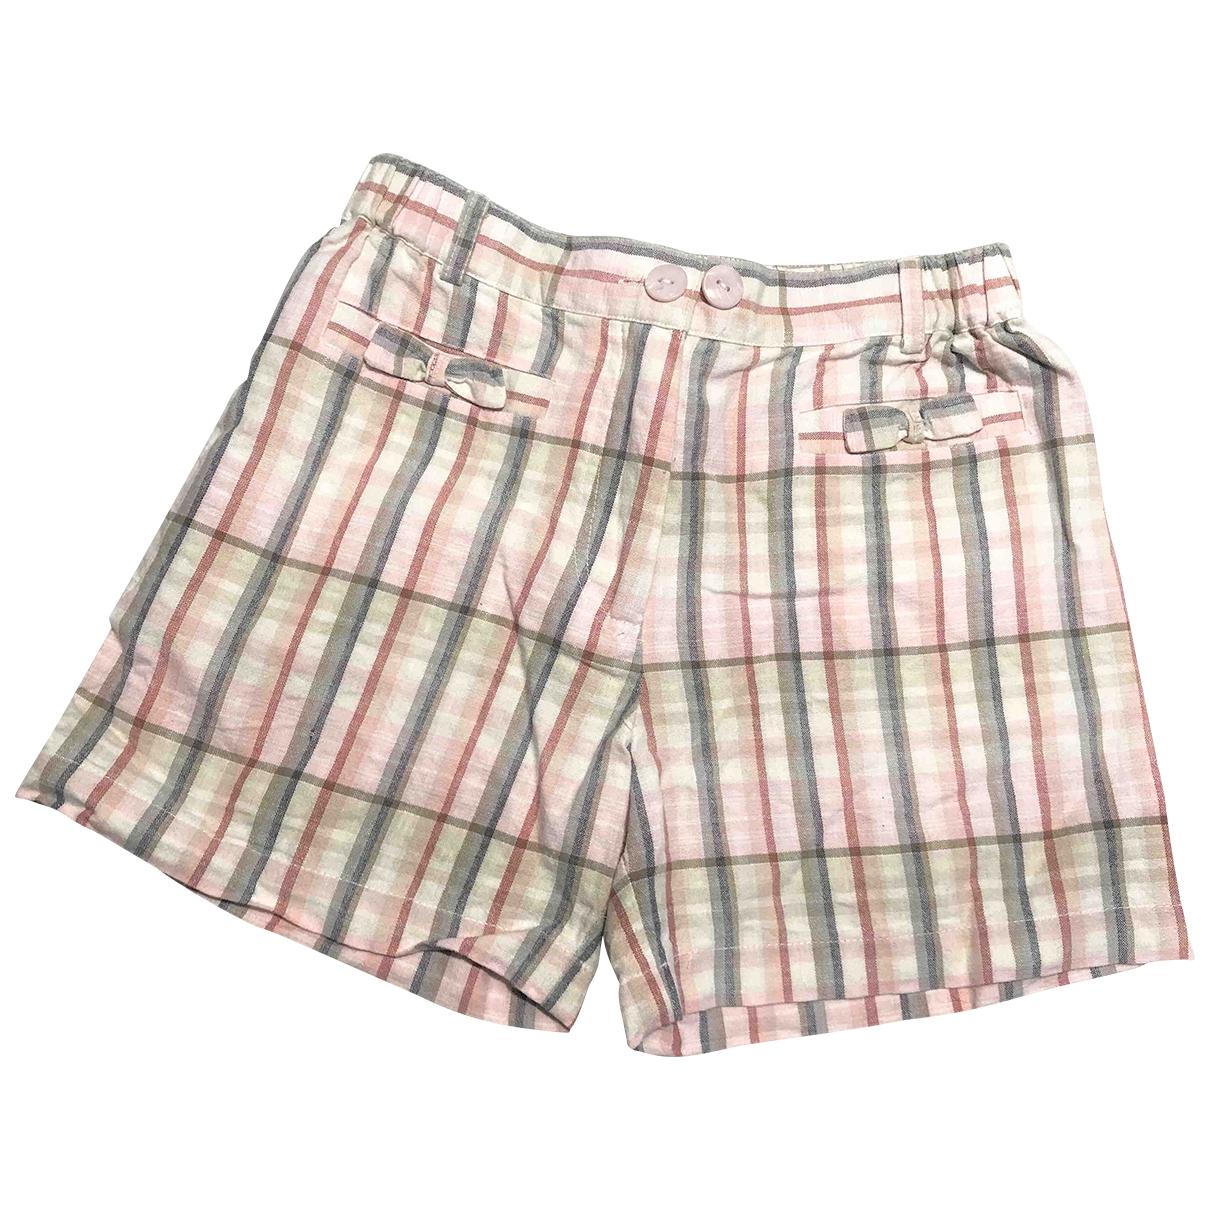 Pantalon corto Cyrillus